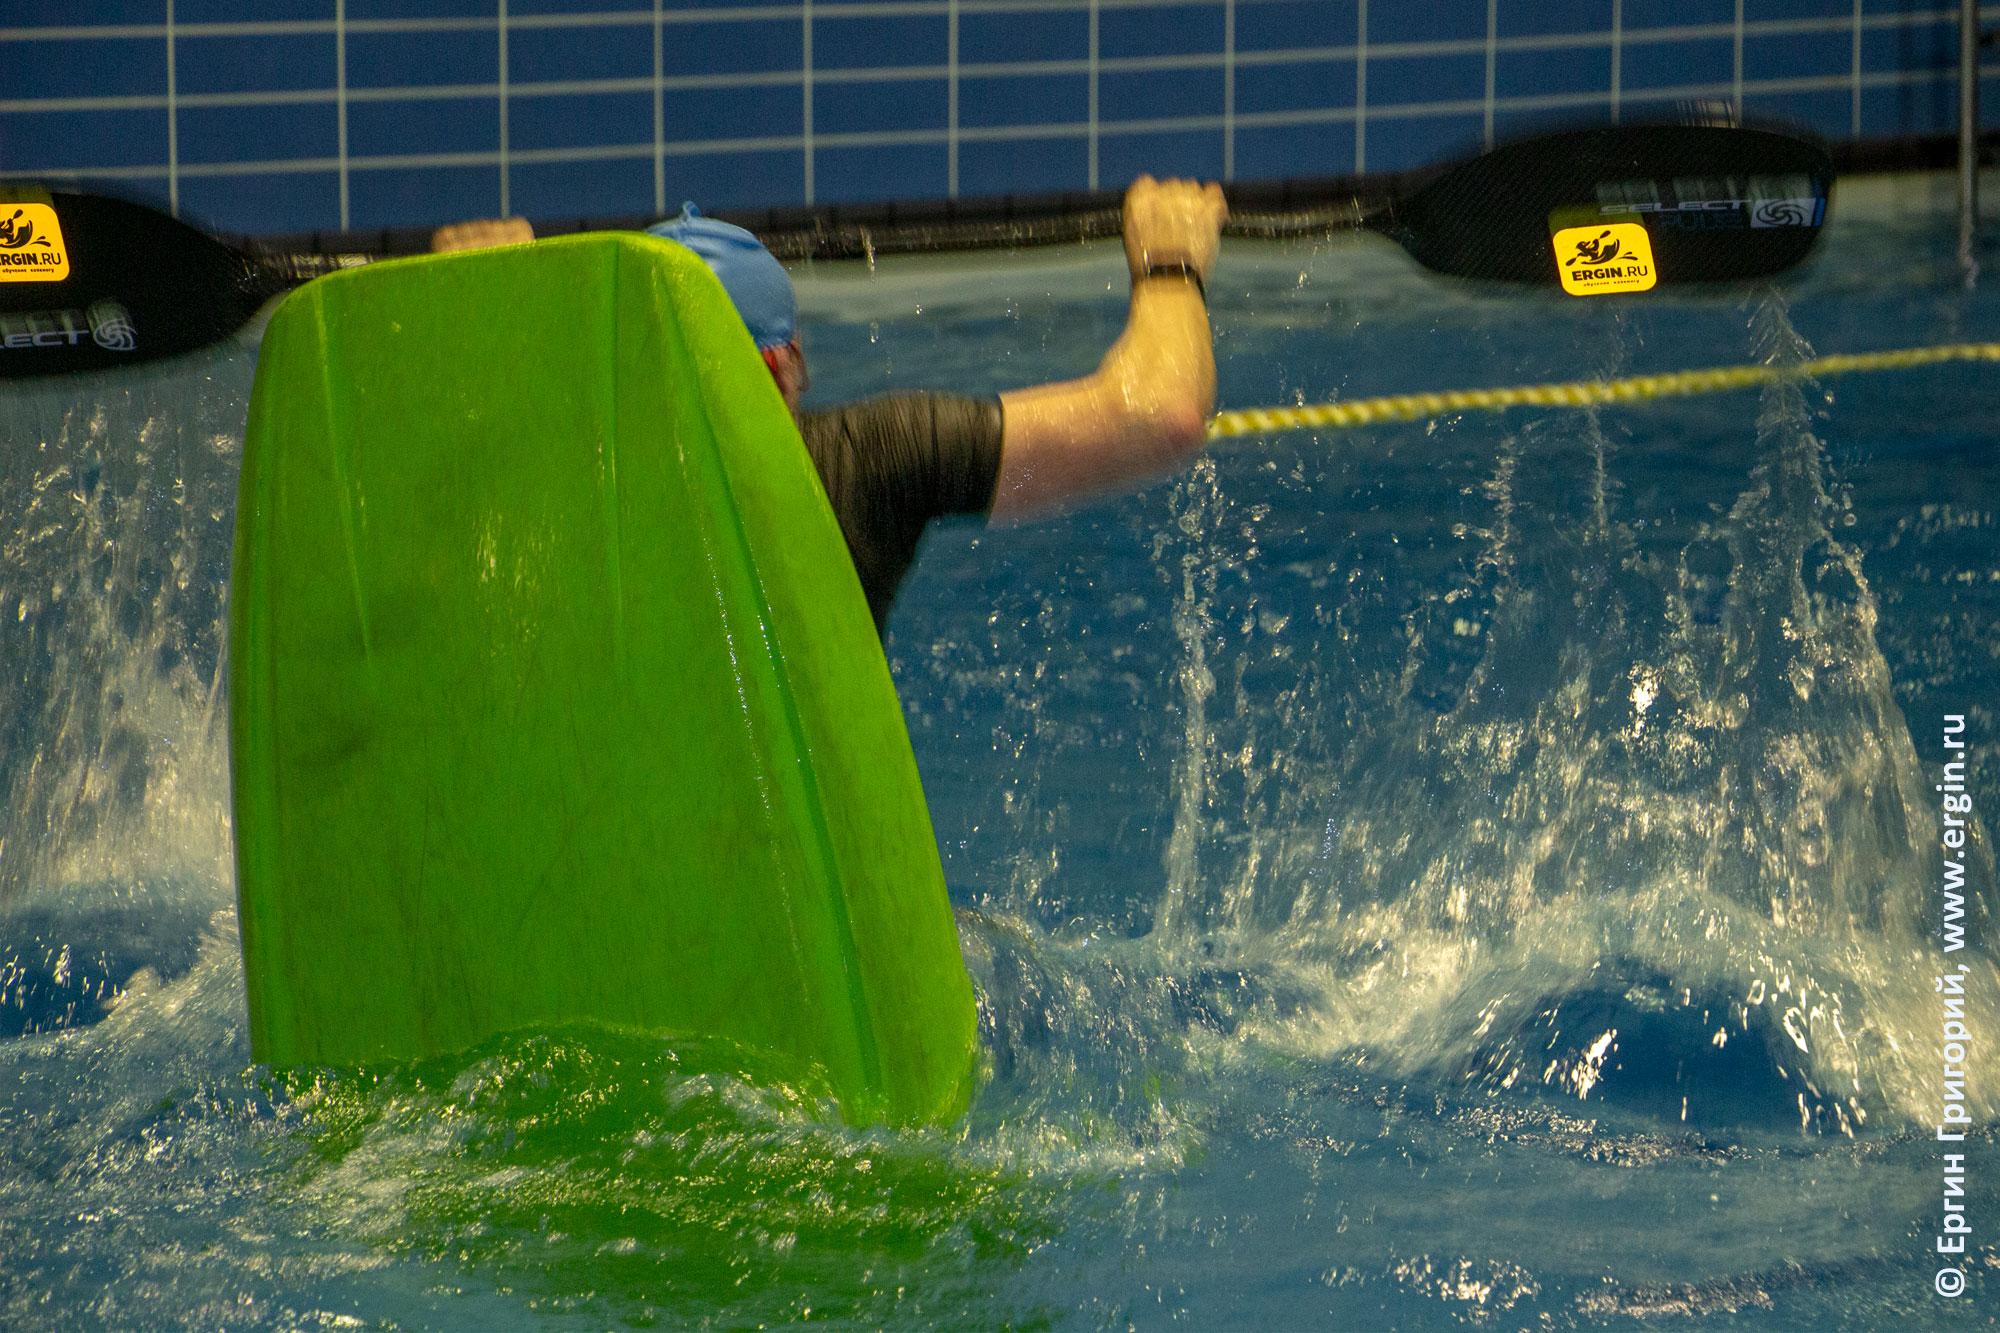 Фристайл на каяке в бассейне, Санкт-Петербург